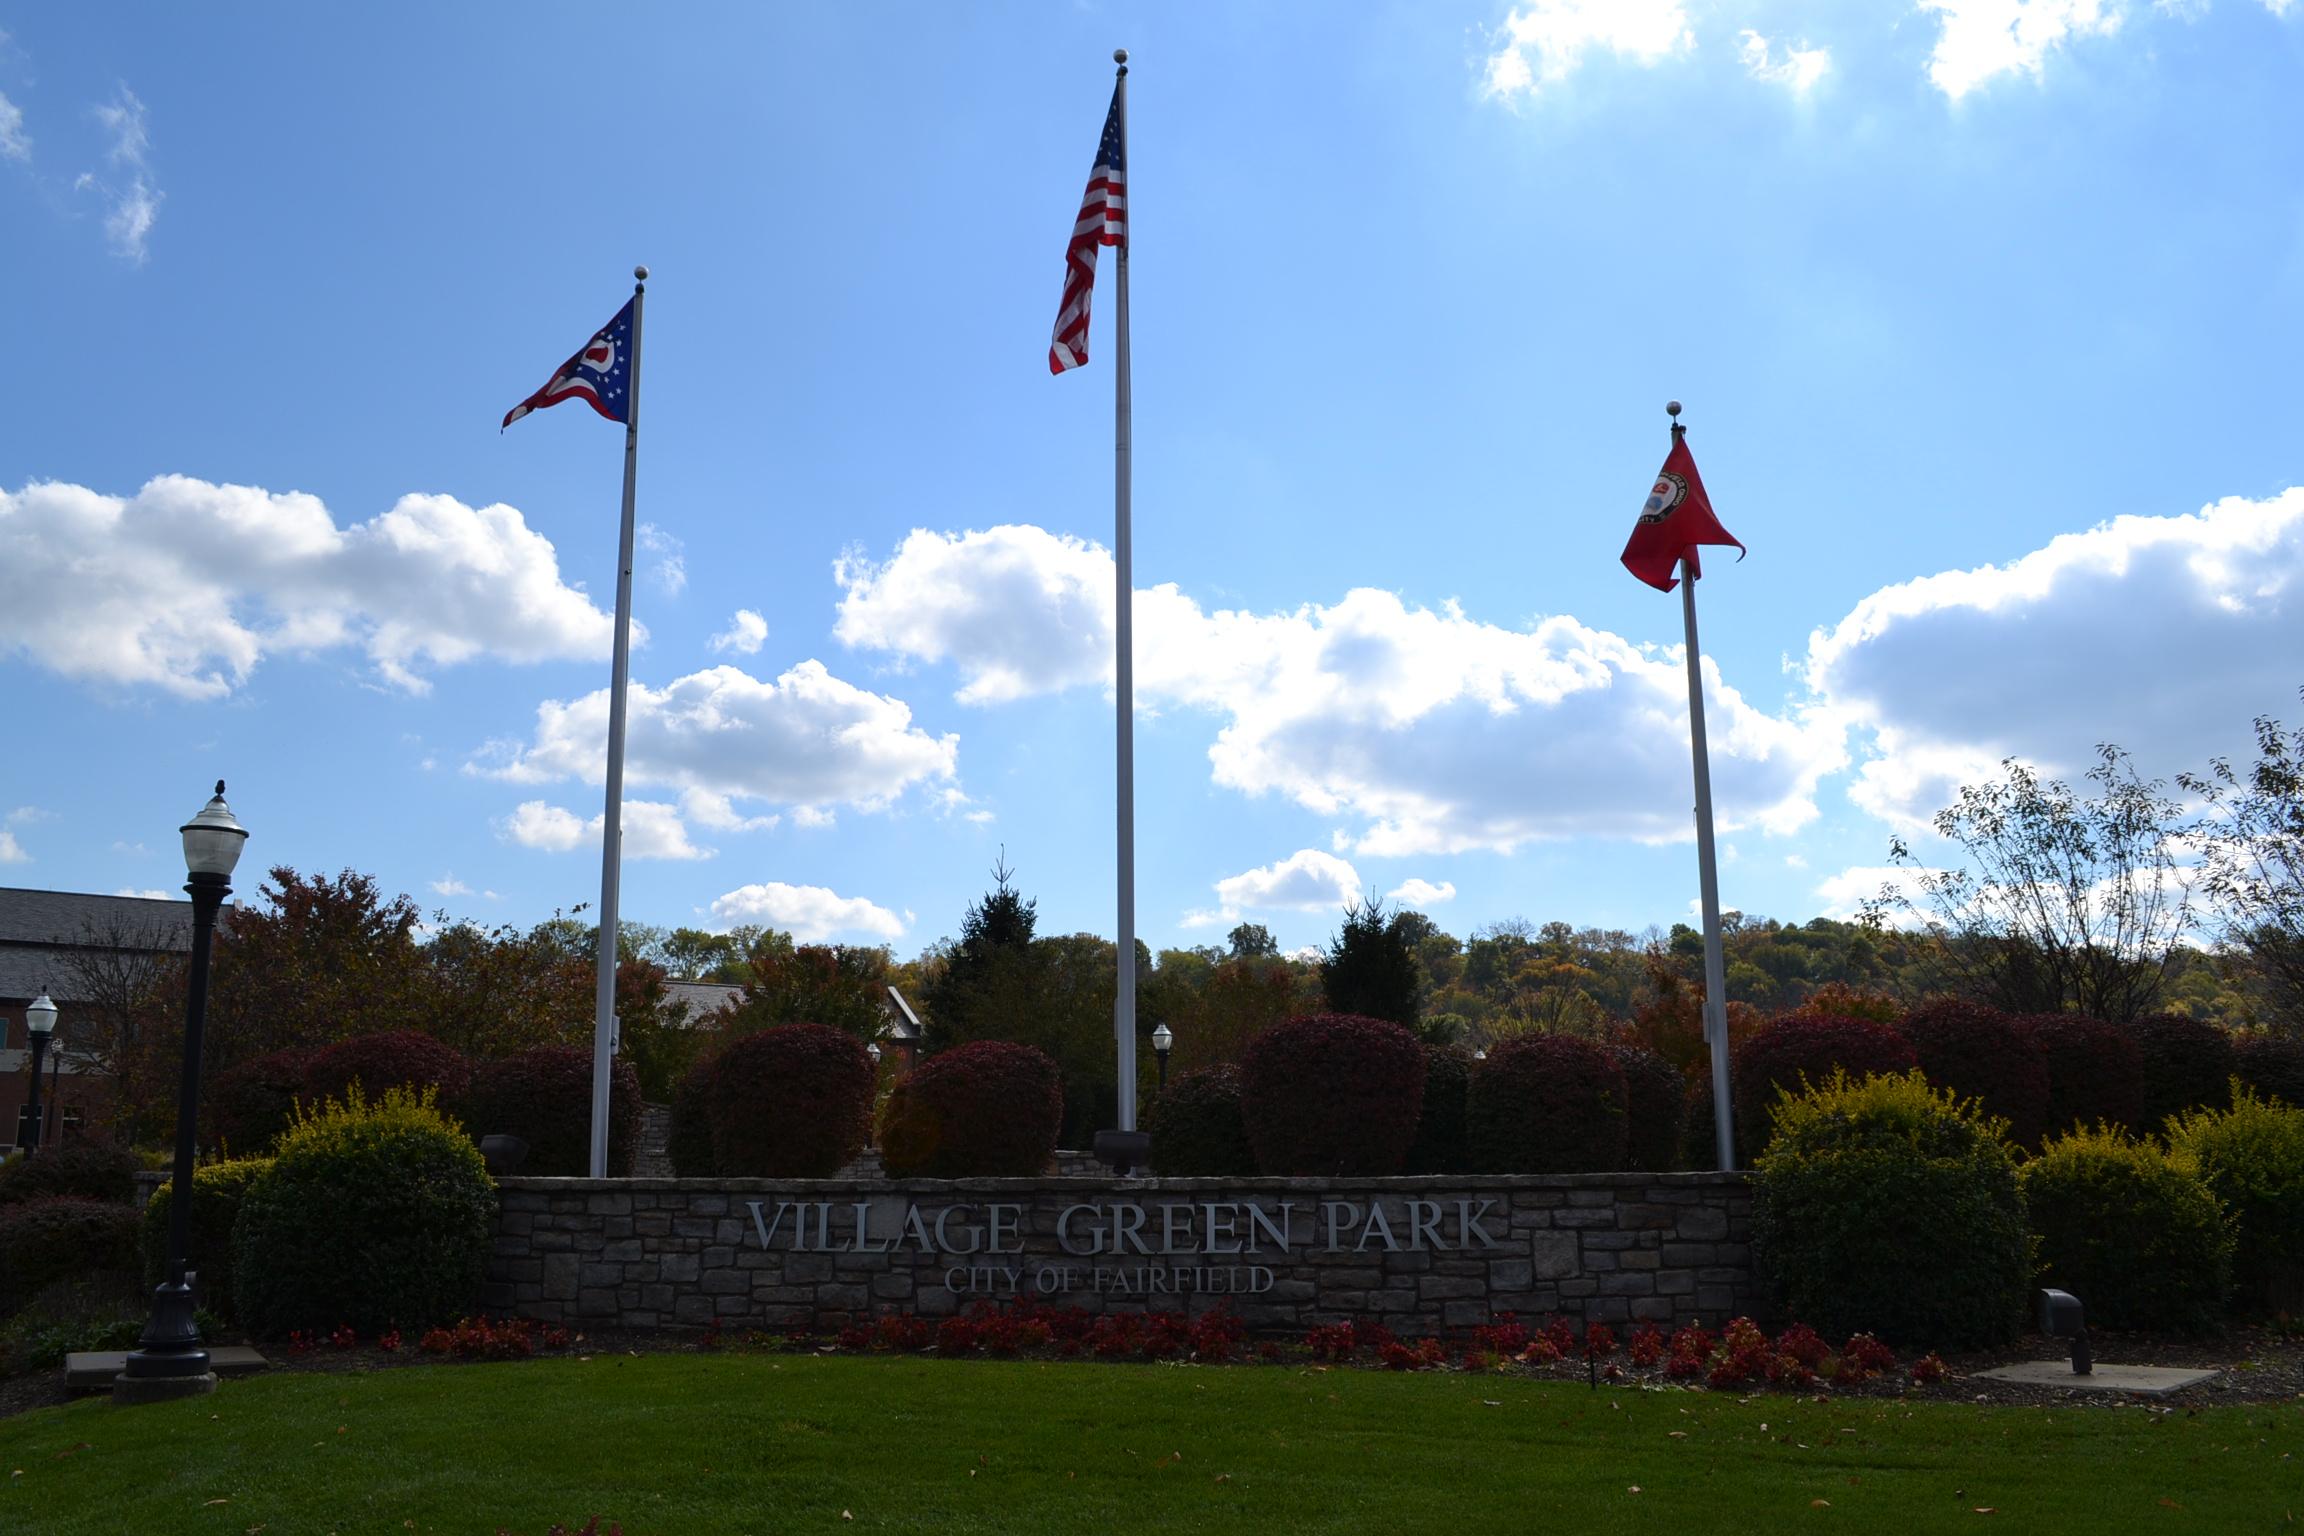 Village Green Park Fairfield Ohio